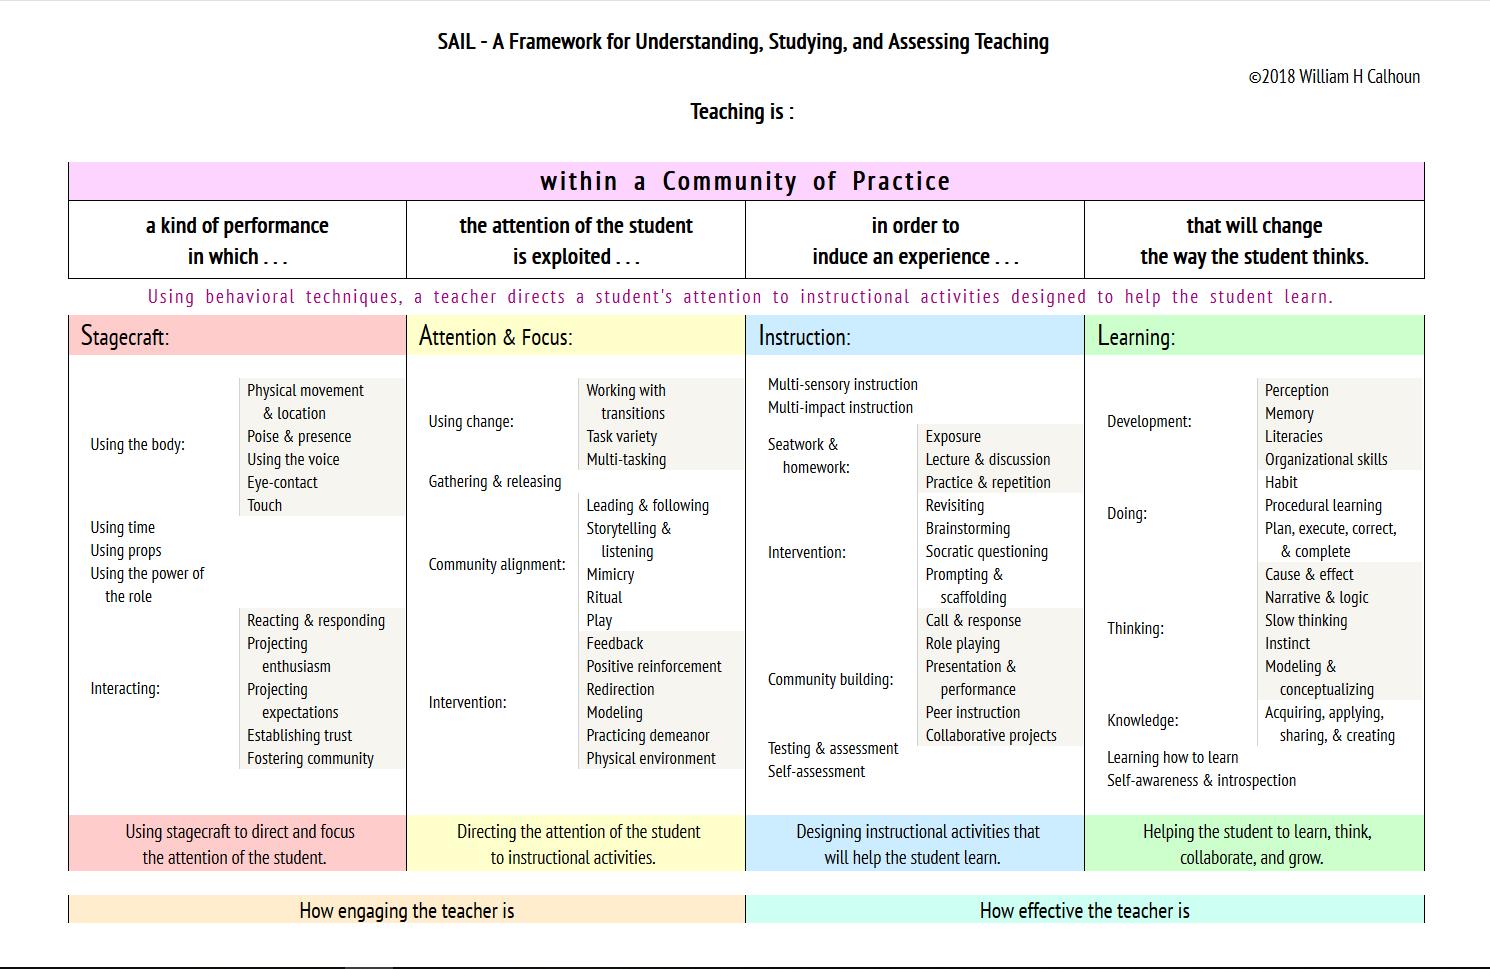 SAIL Framework Chart